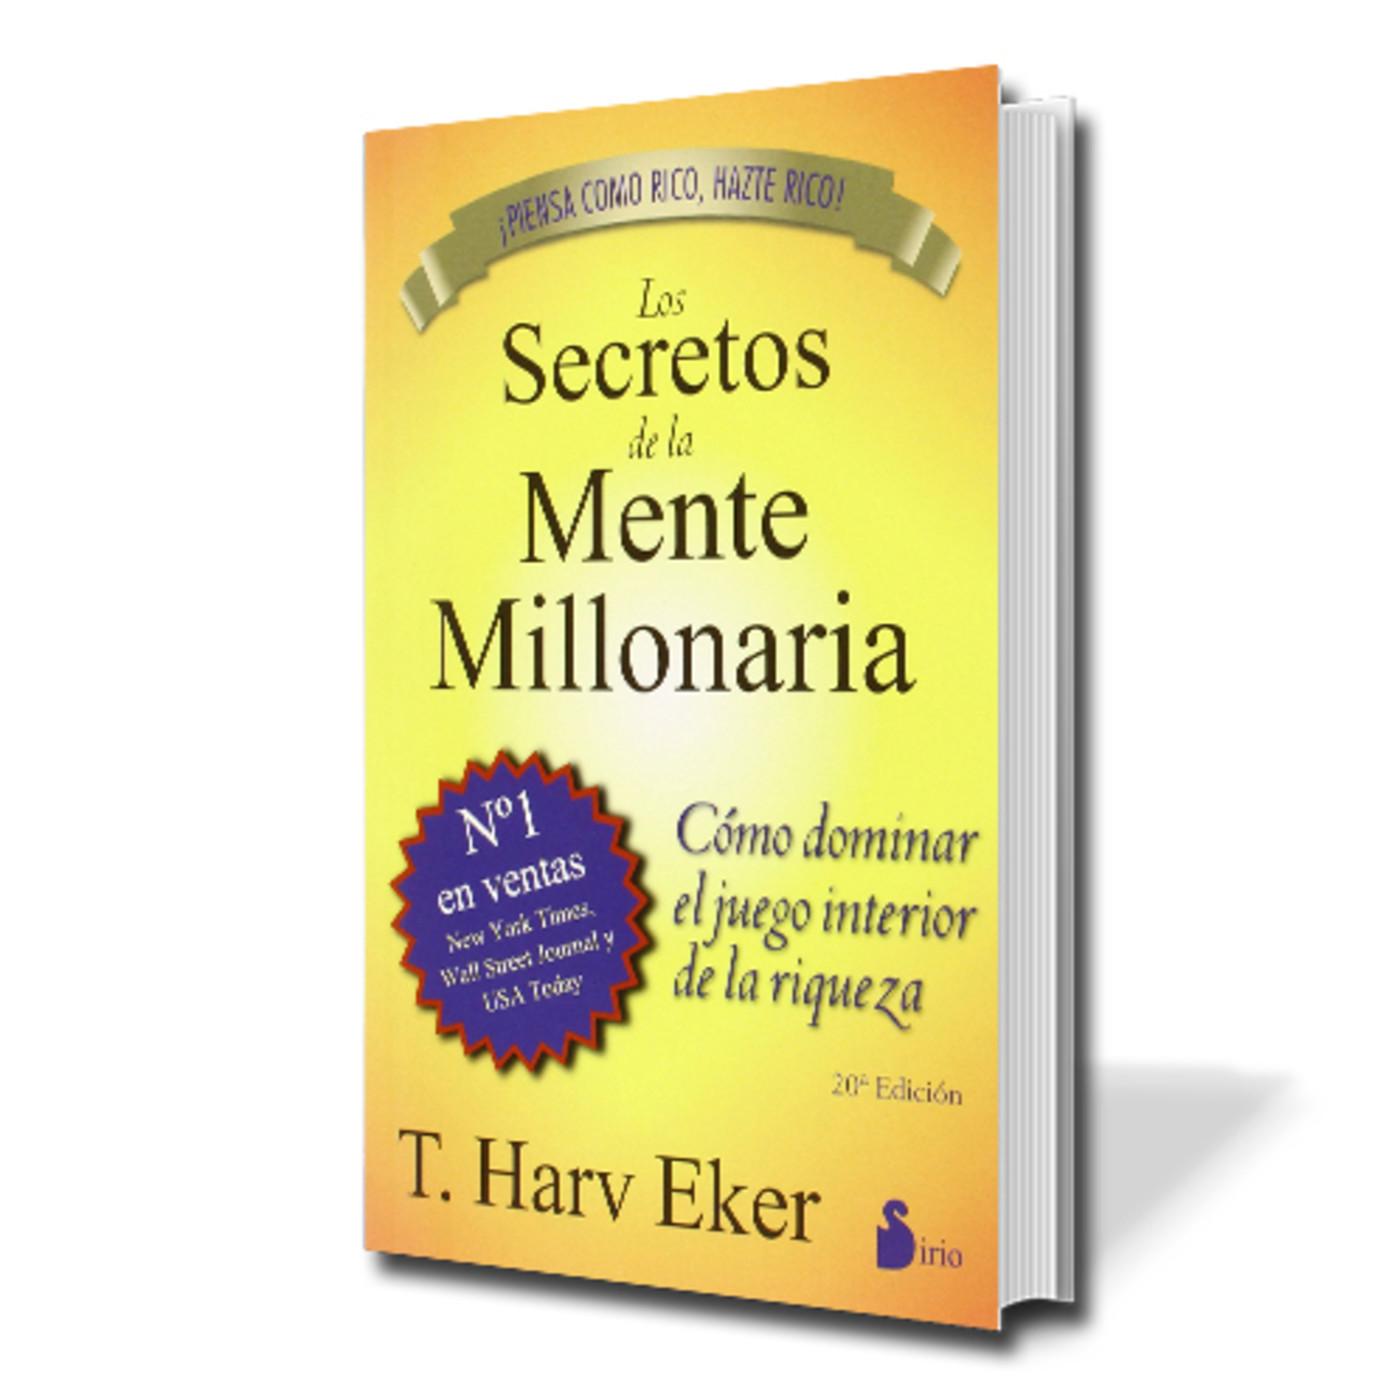 Audiolibro Los Secretos De La Mente Millonaria Harv Eker En Audiolibros En Mp3 08 08 A Las 02 20 10 02 09 33 27666486 Ivoox